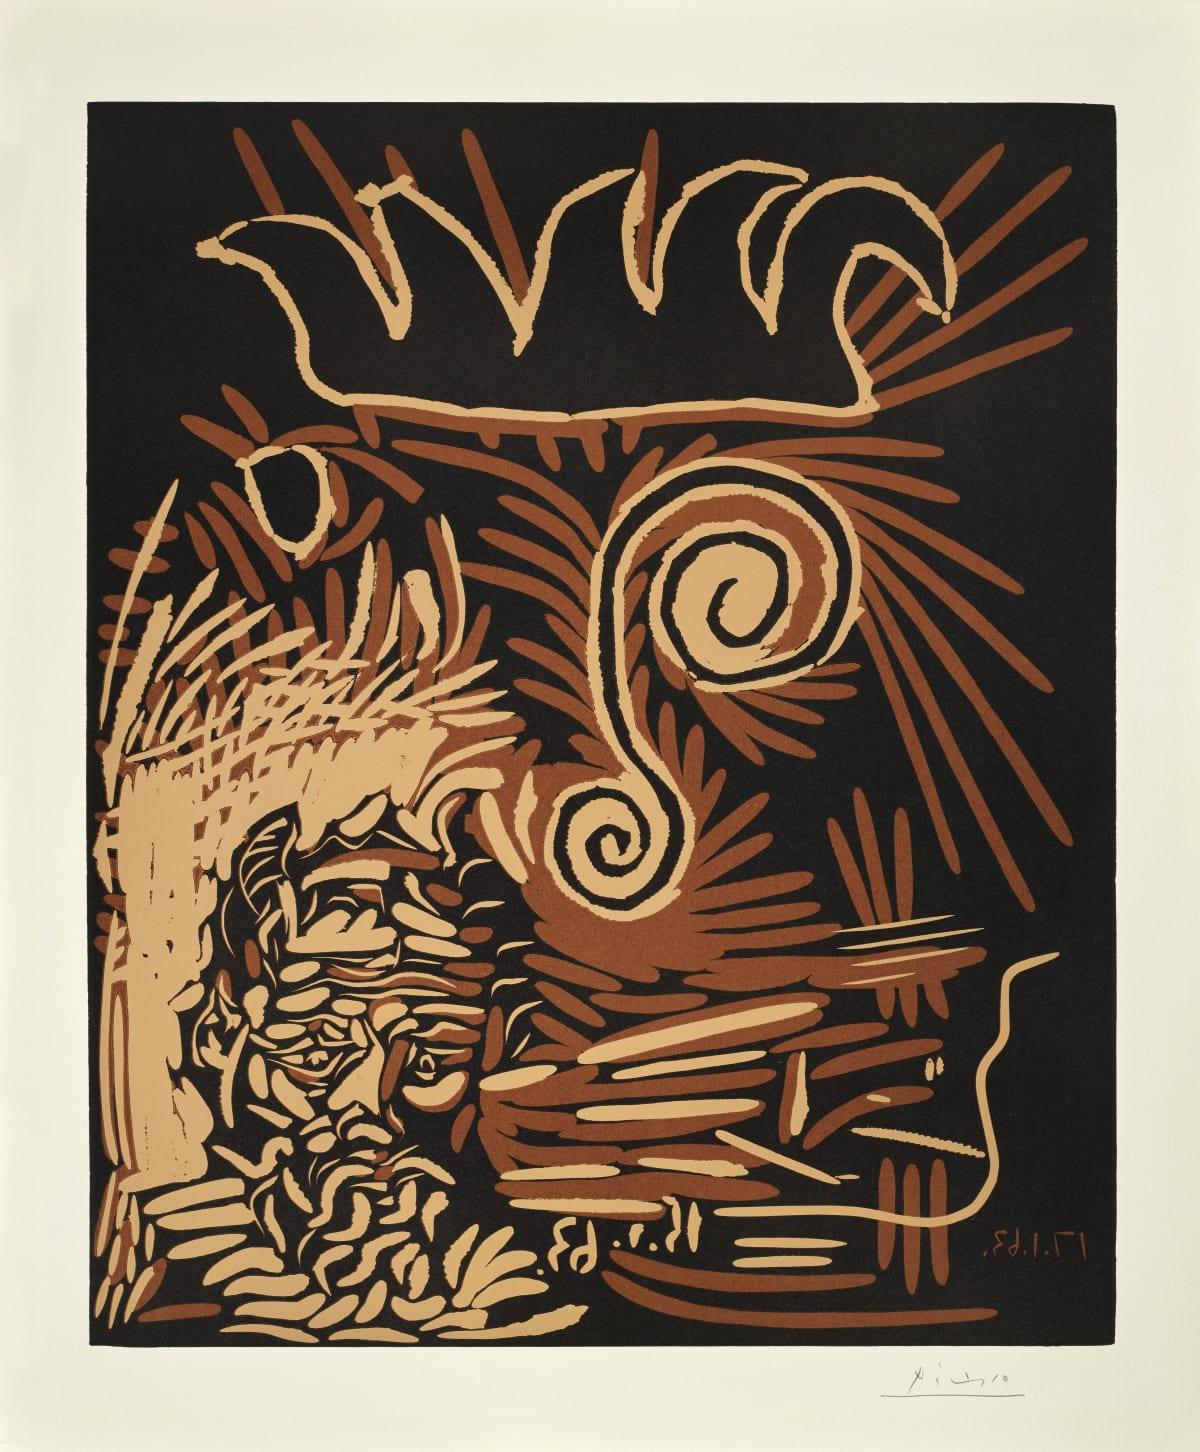 Pablo Picasso Le Vieux Bouffon, 1963 Linocut on Arches paper 75.2 x 62.2 cm Artist proof